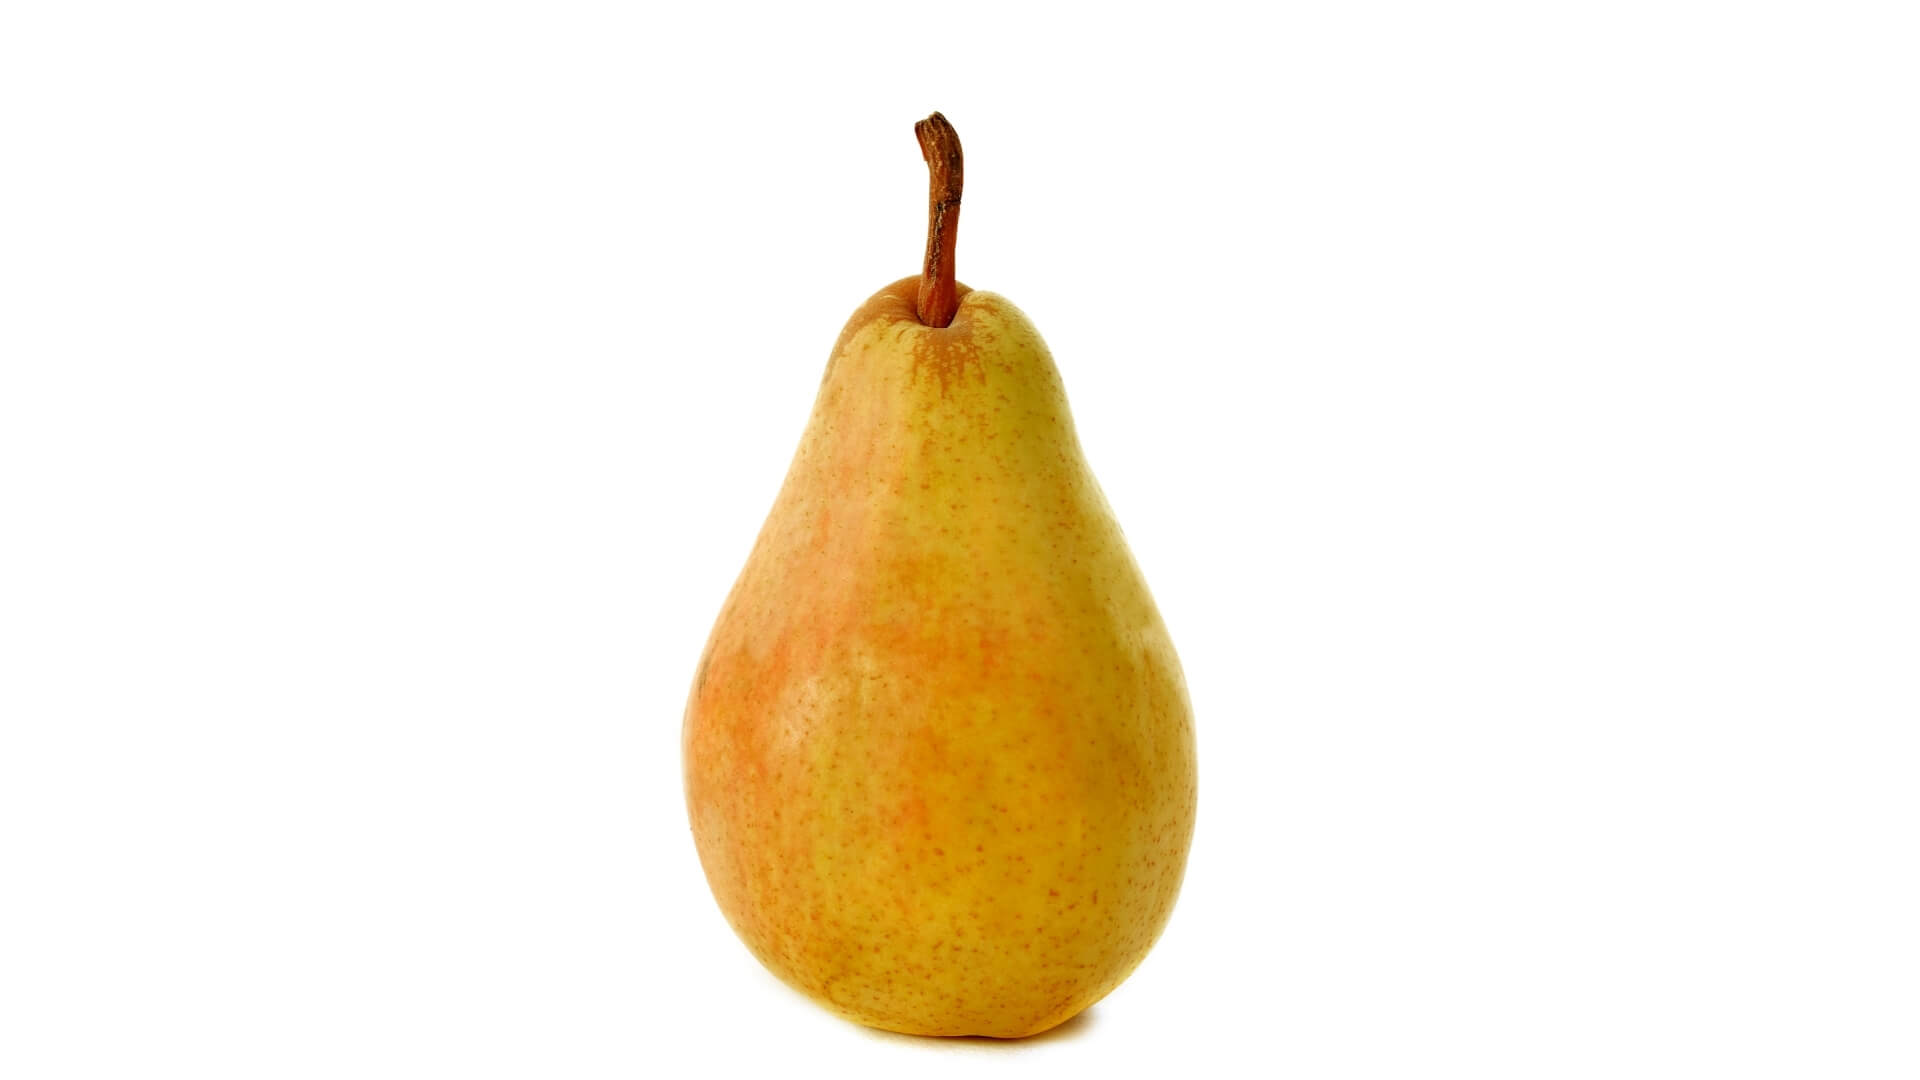 Pera Guyot, la pera estiva simile alla Williams